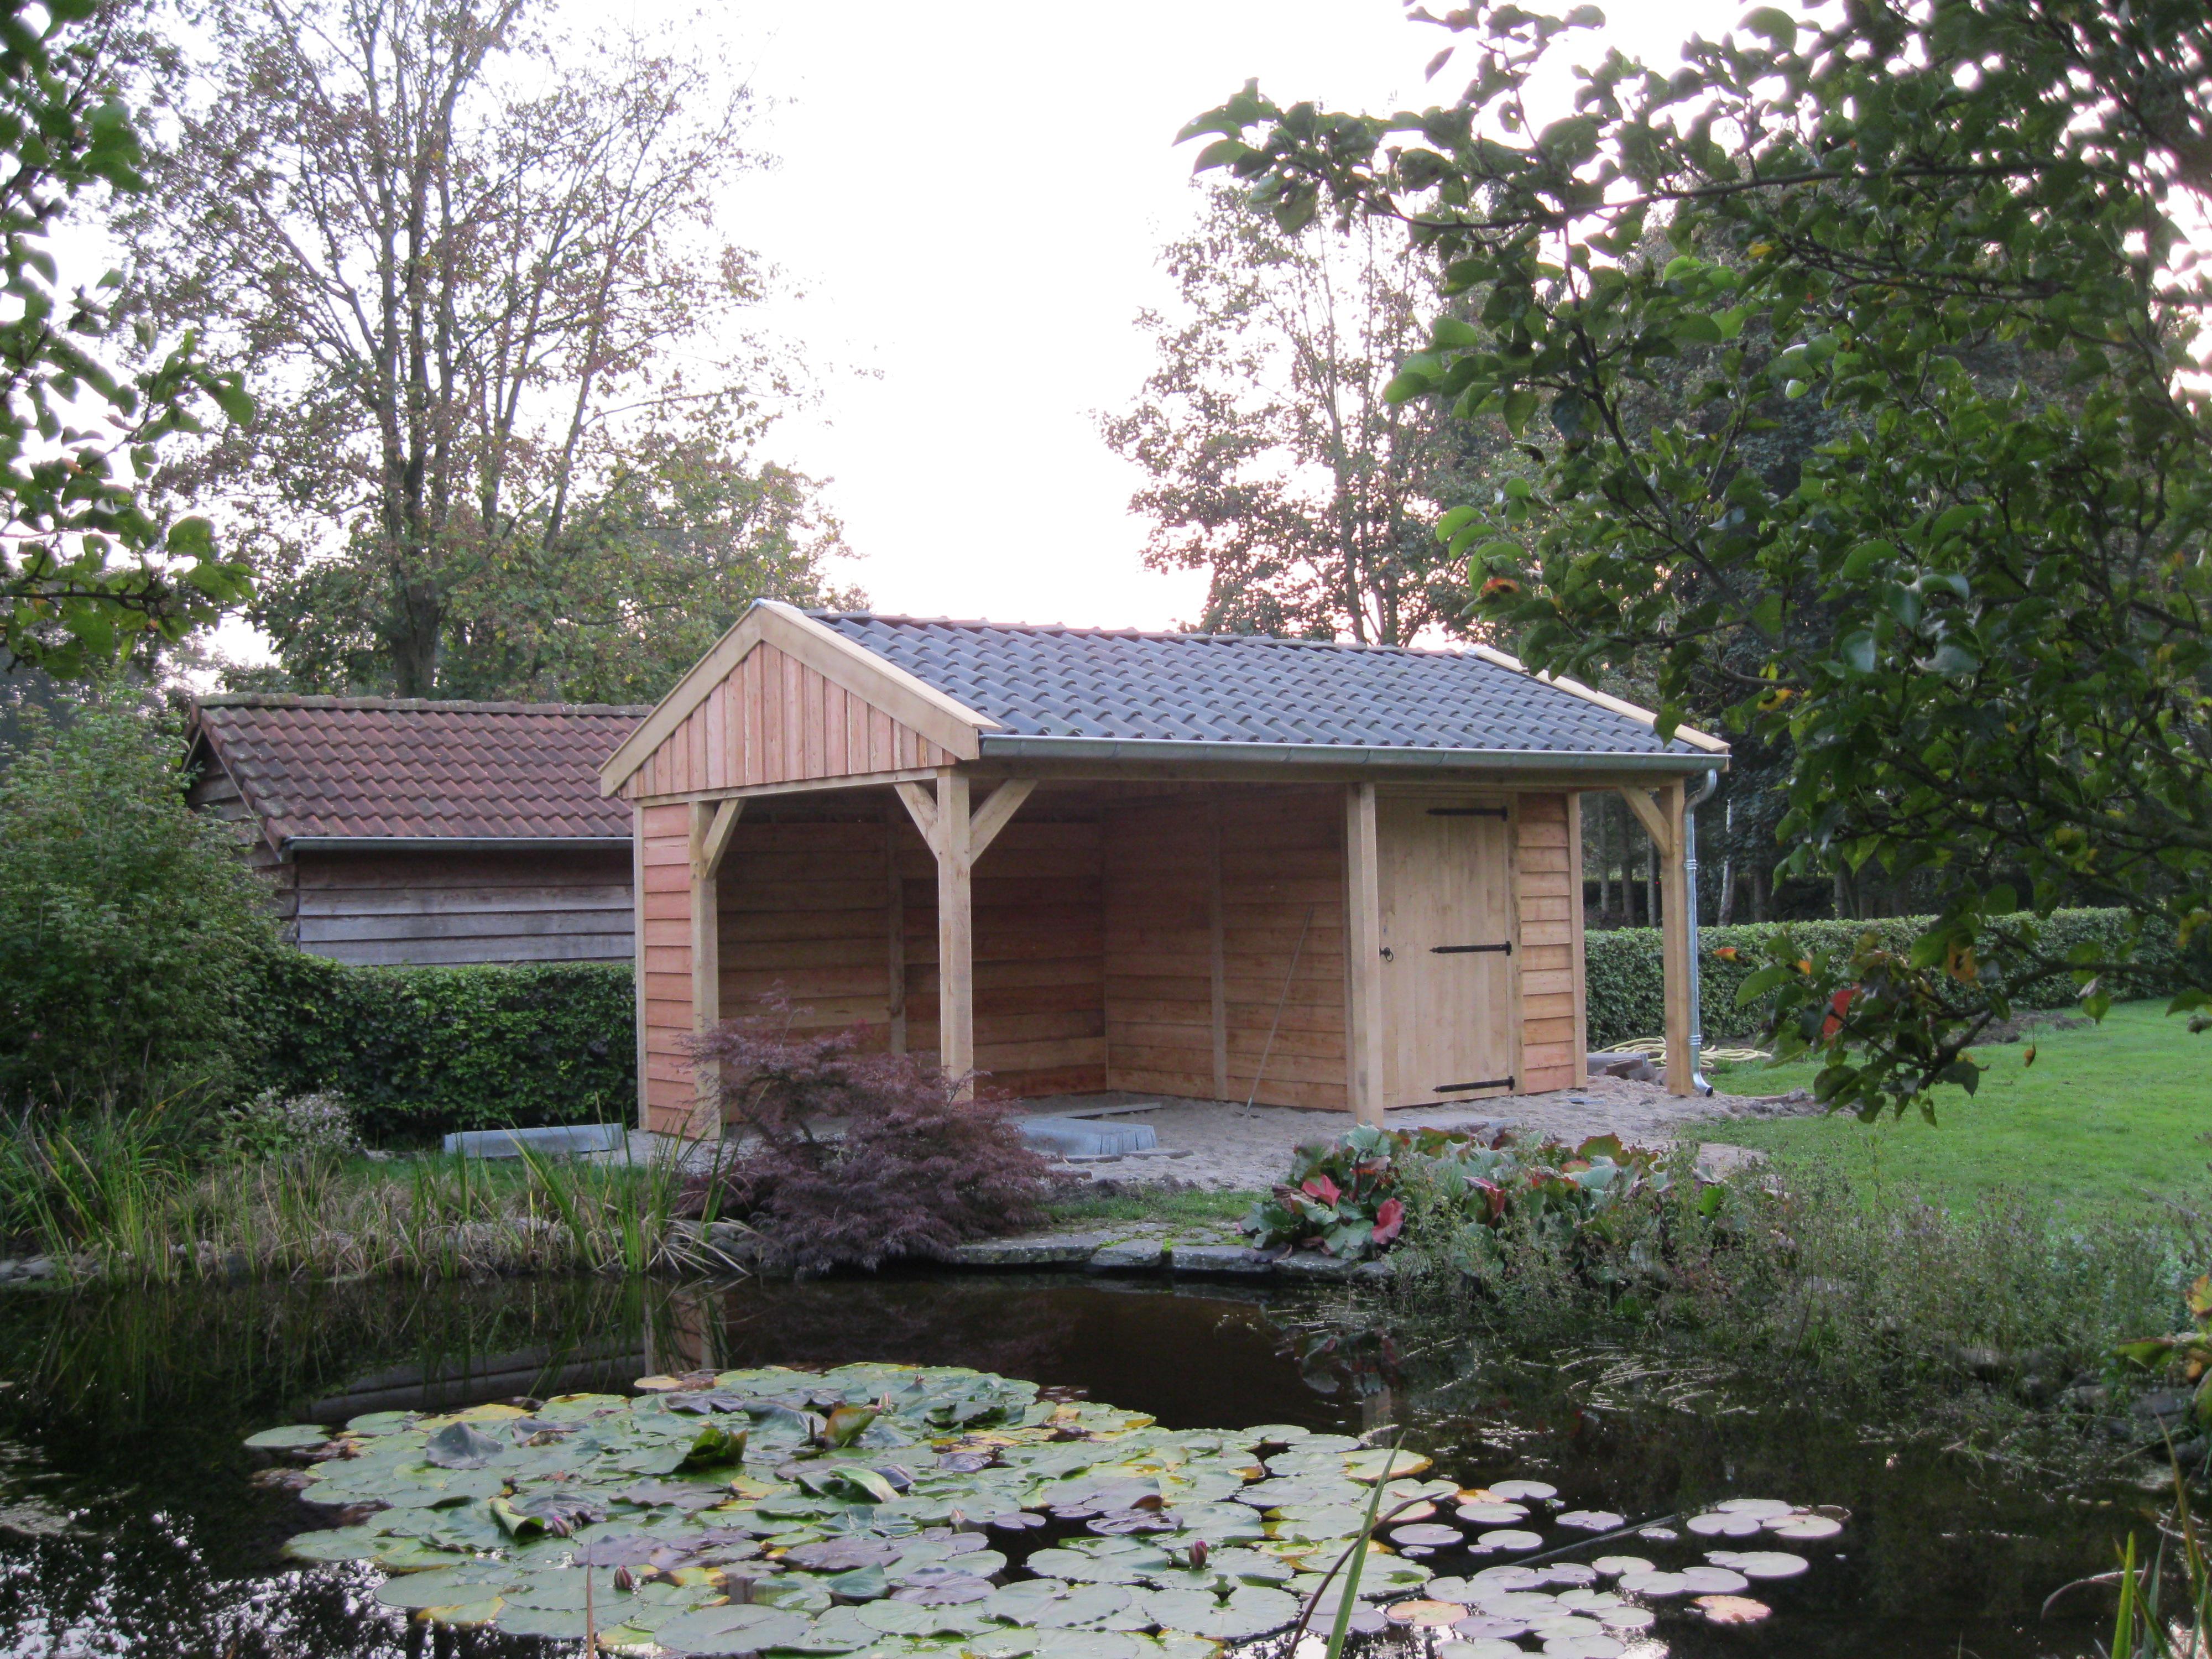 tuinkamer_(1) - Authentiek eikenhouten bijgebouw met tuinkamer geplaatst in Twello!